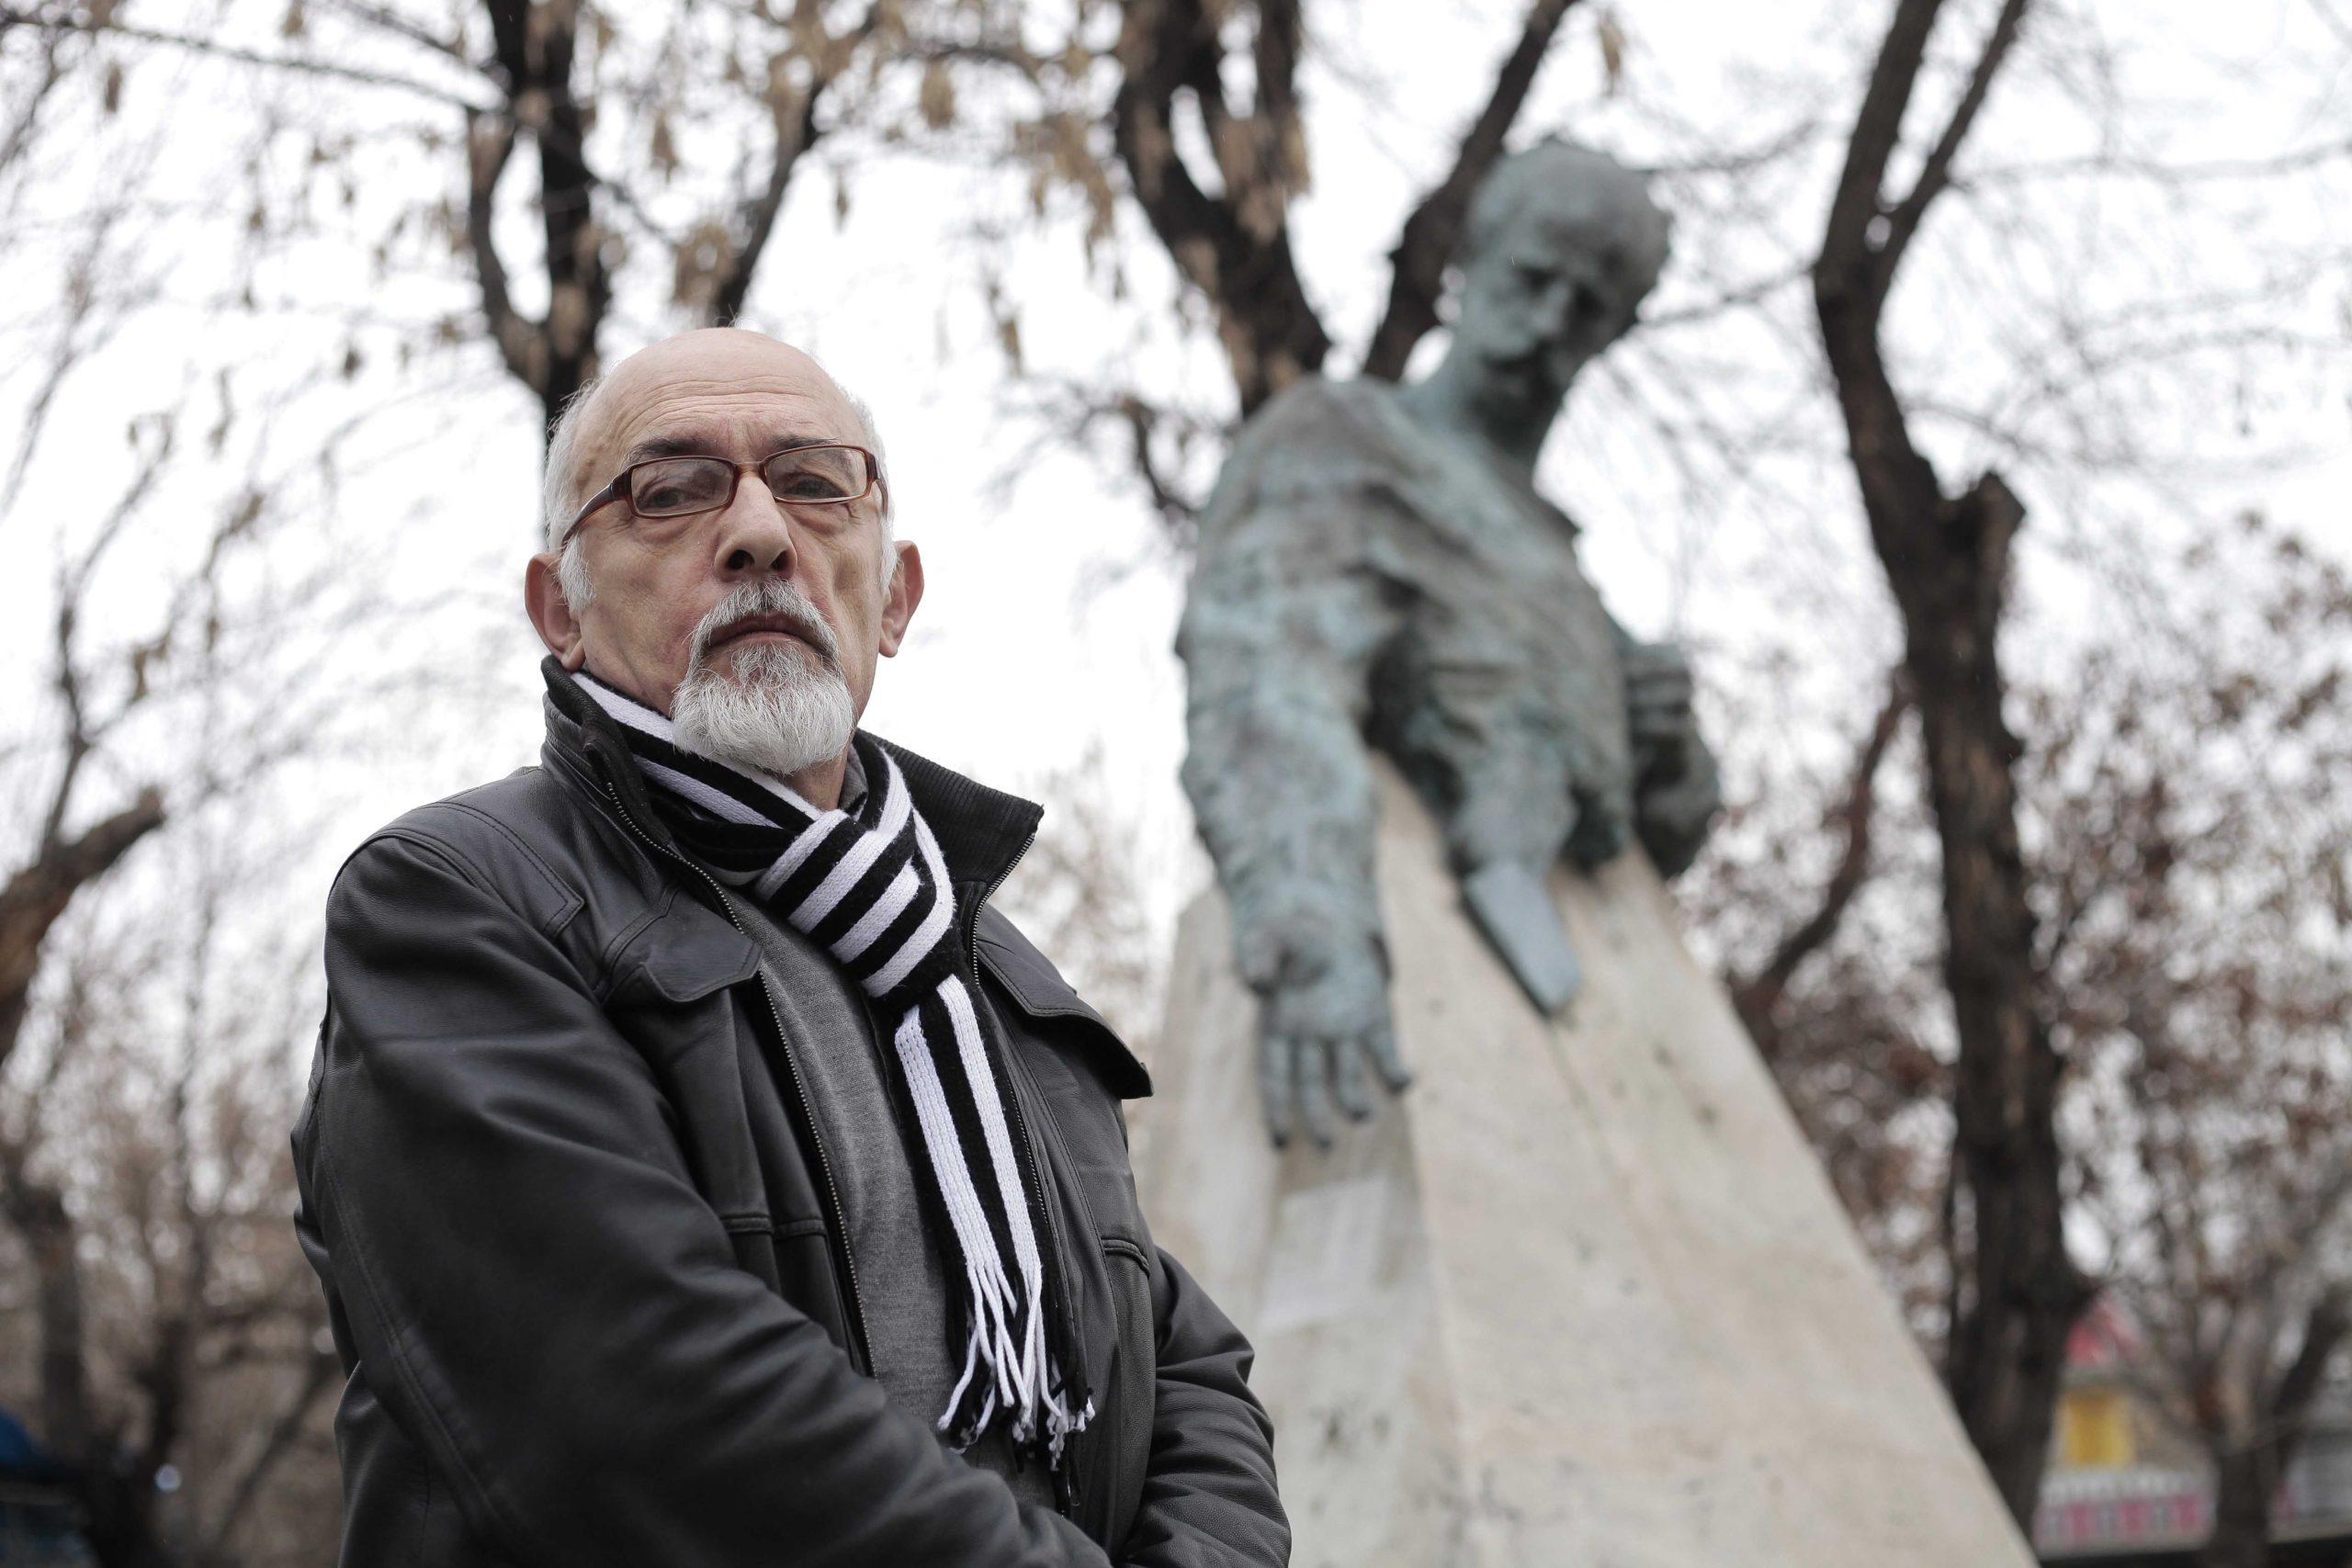 Мастер бронзы привез вНовороссийск скульптуры международного уровня